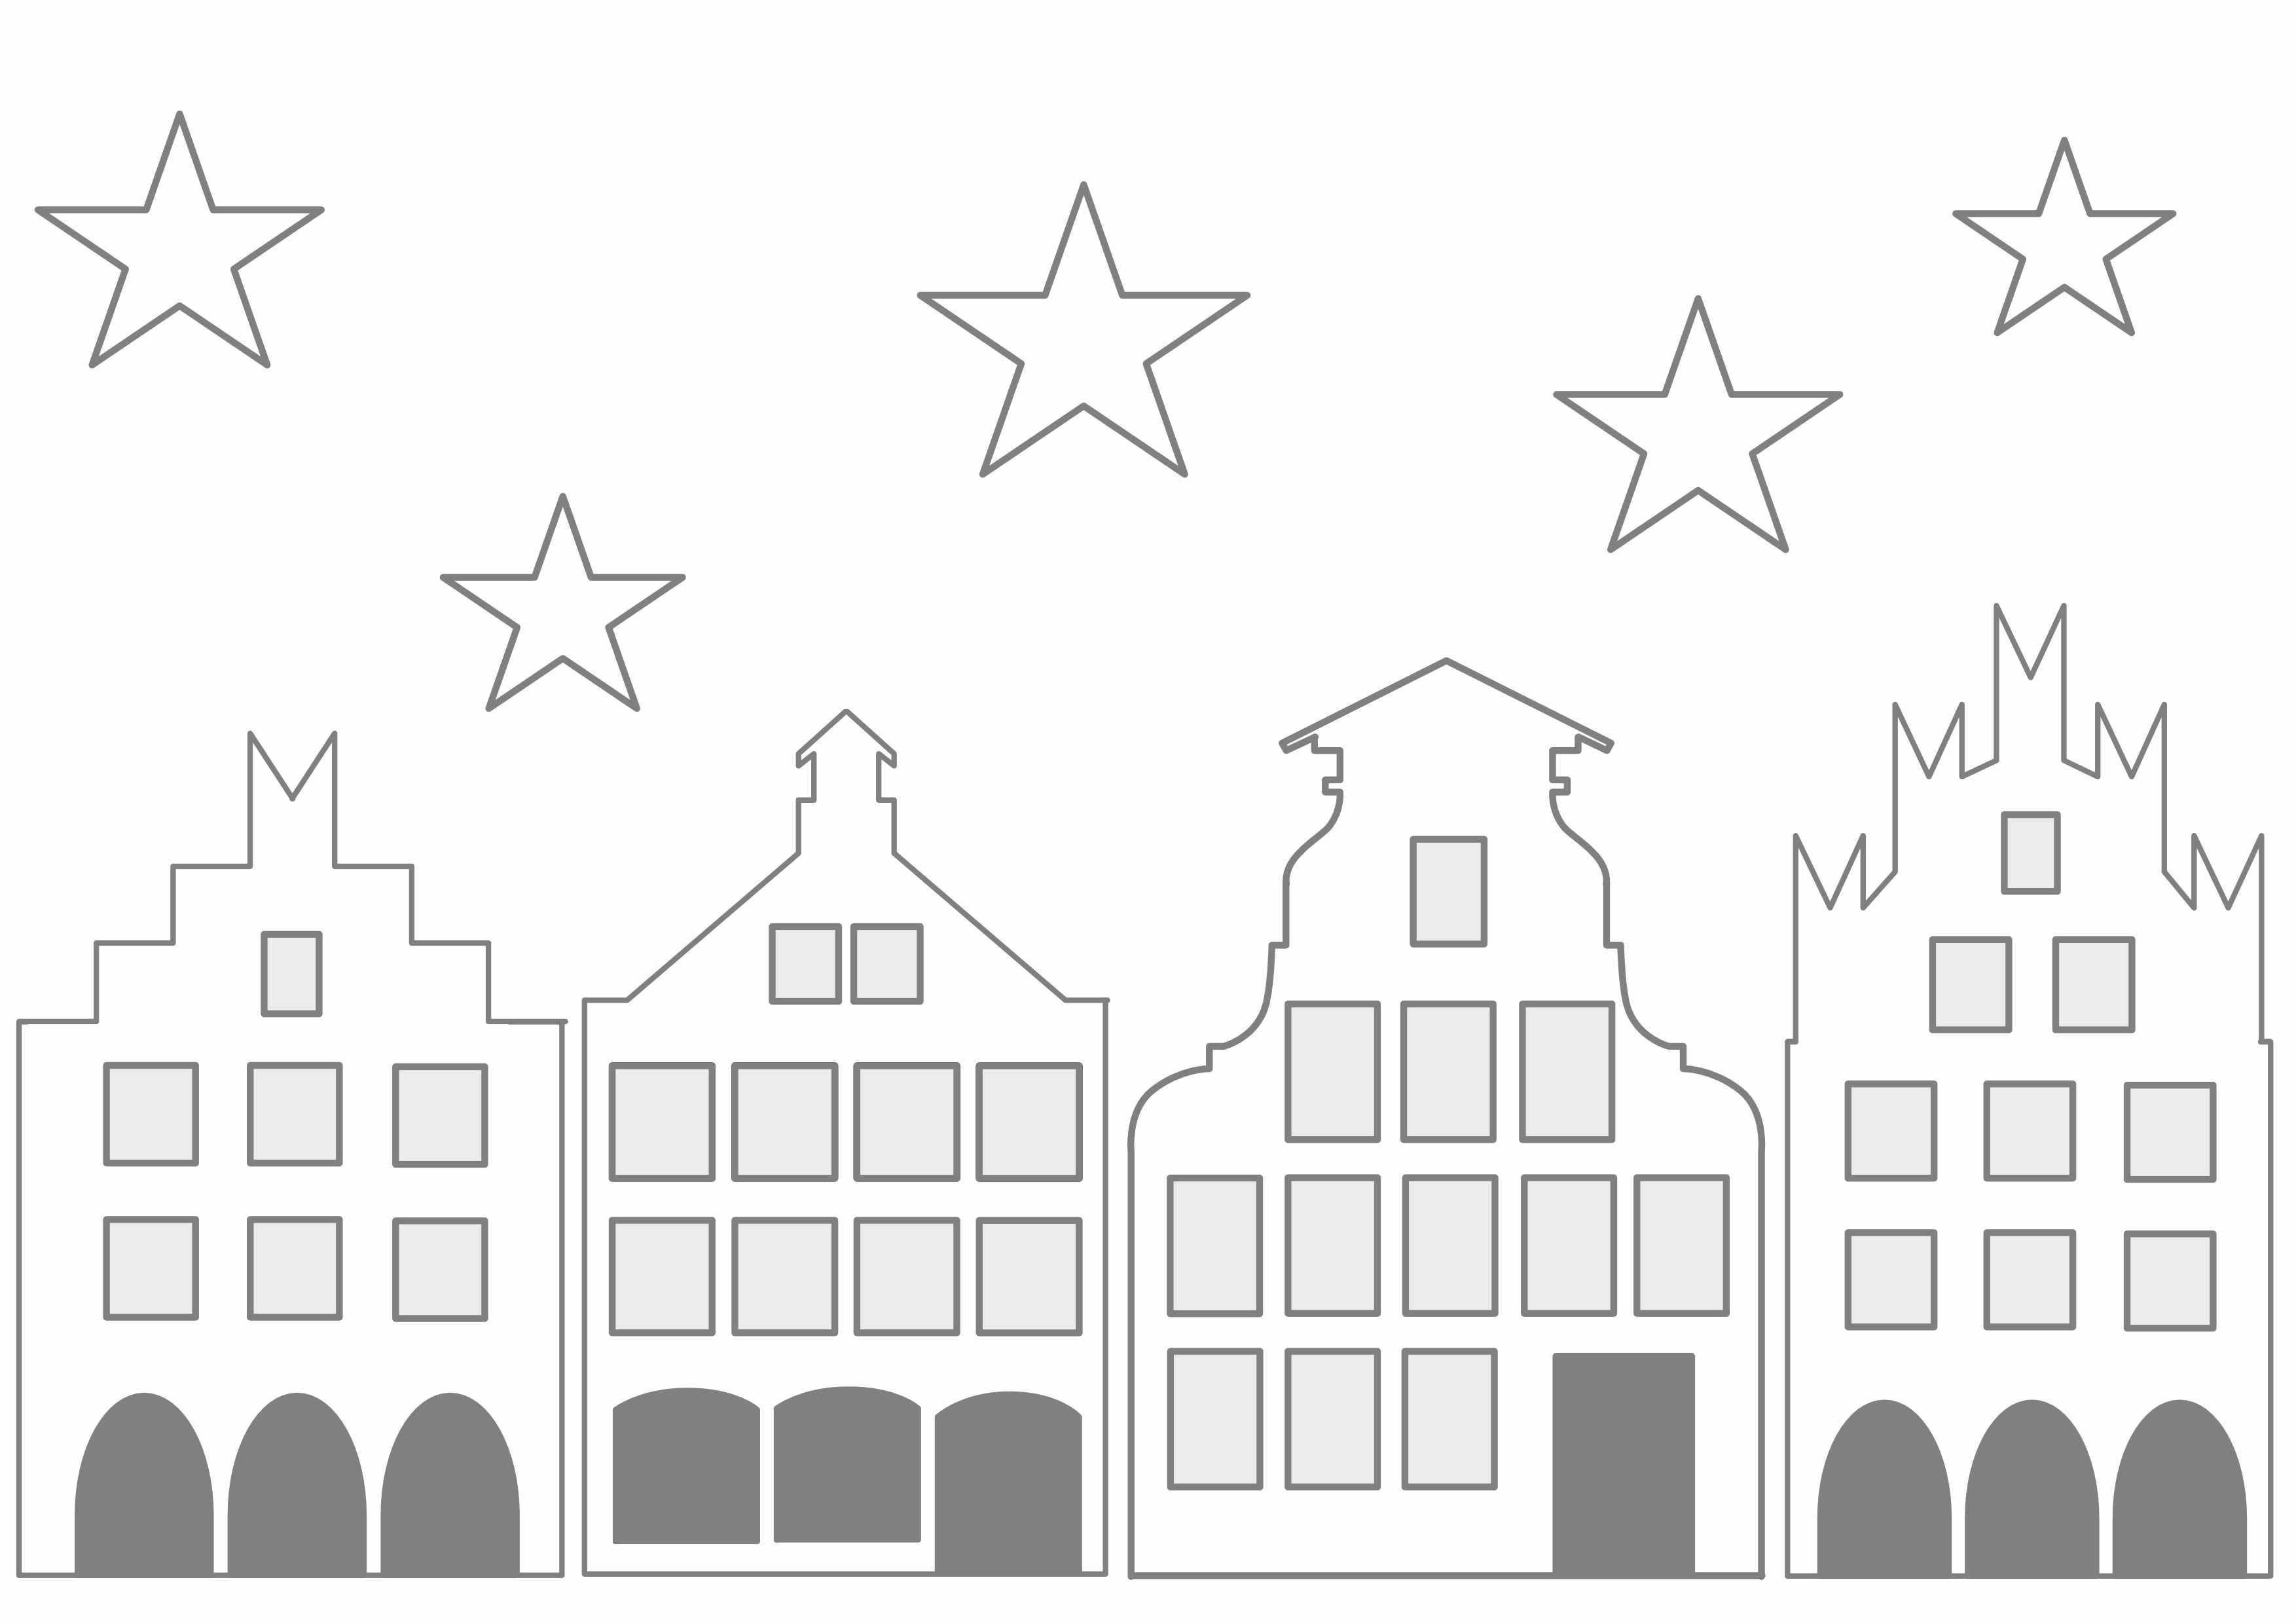 Historisches Stadtchen Zum Ausdrucken Landeiundco De Fensterbilder Weihnachten Basteln Fensterdeko Weihnachten Basteln Bastelvorlagen Weihnachten Ausdrucken